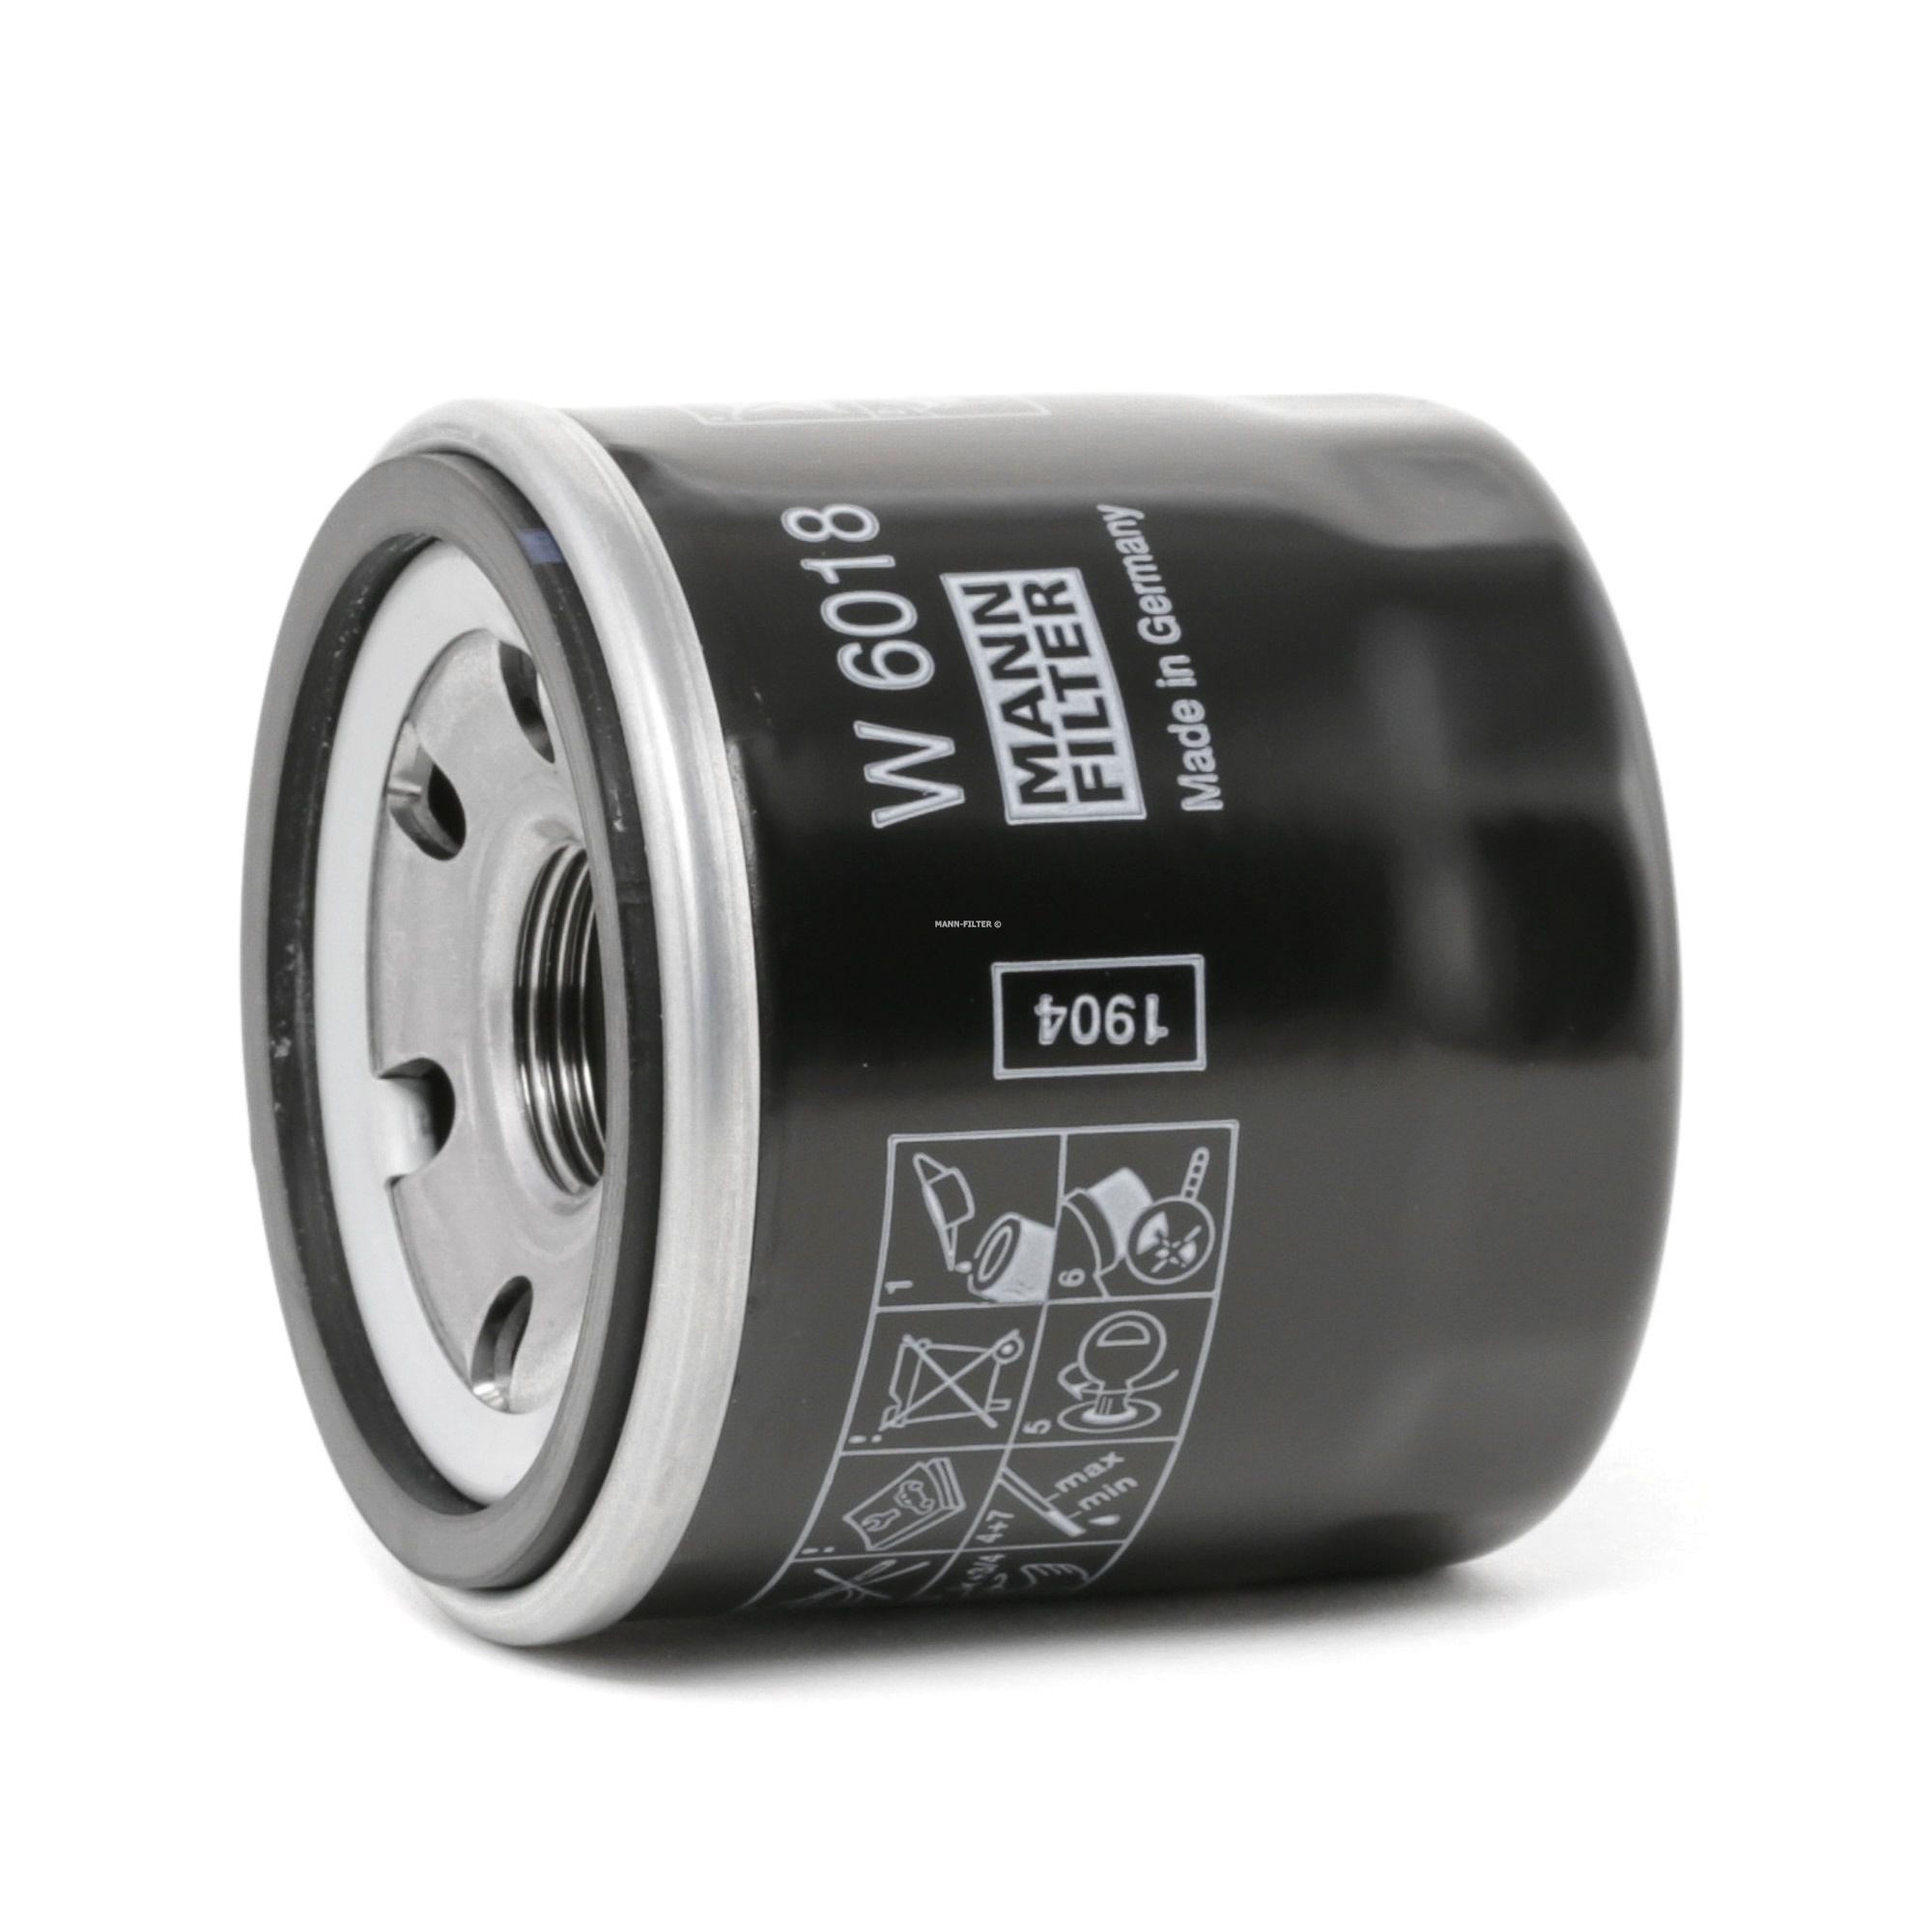 MAZDA MX 2021 Motorölfilter - Original MANN-FILTER W 6018 Innendurchmesser 2: 54mm, Innendurchmesser 2: 54mm, Ø: 66mm, Außendurchmesser 2: 62mm, Höhe: 65mm